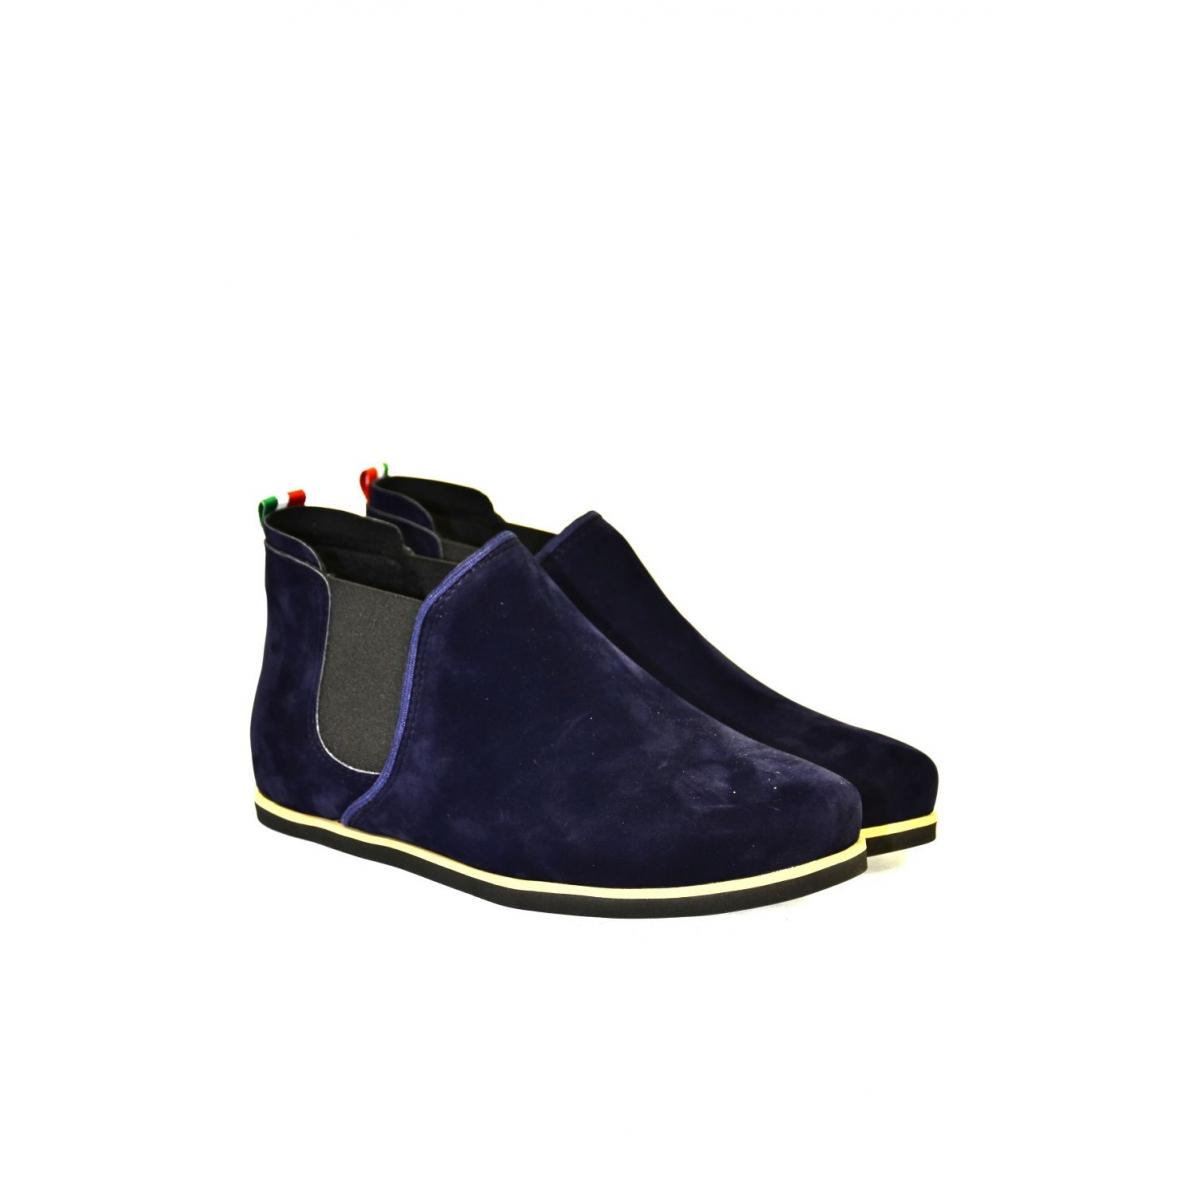 Dámske tmavo-modré členkové topánky ORIOS - 2 306ae00f34b